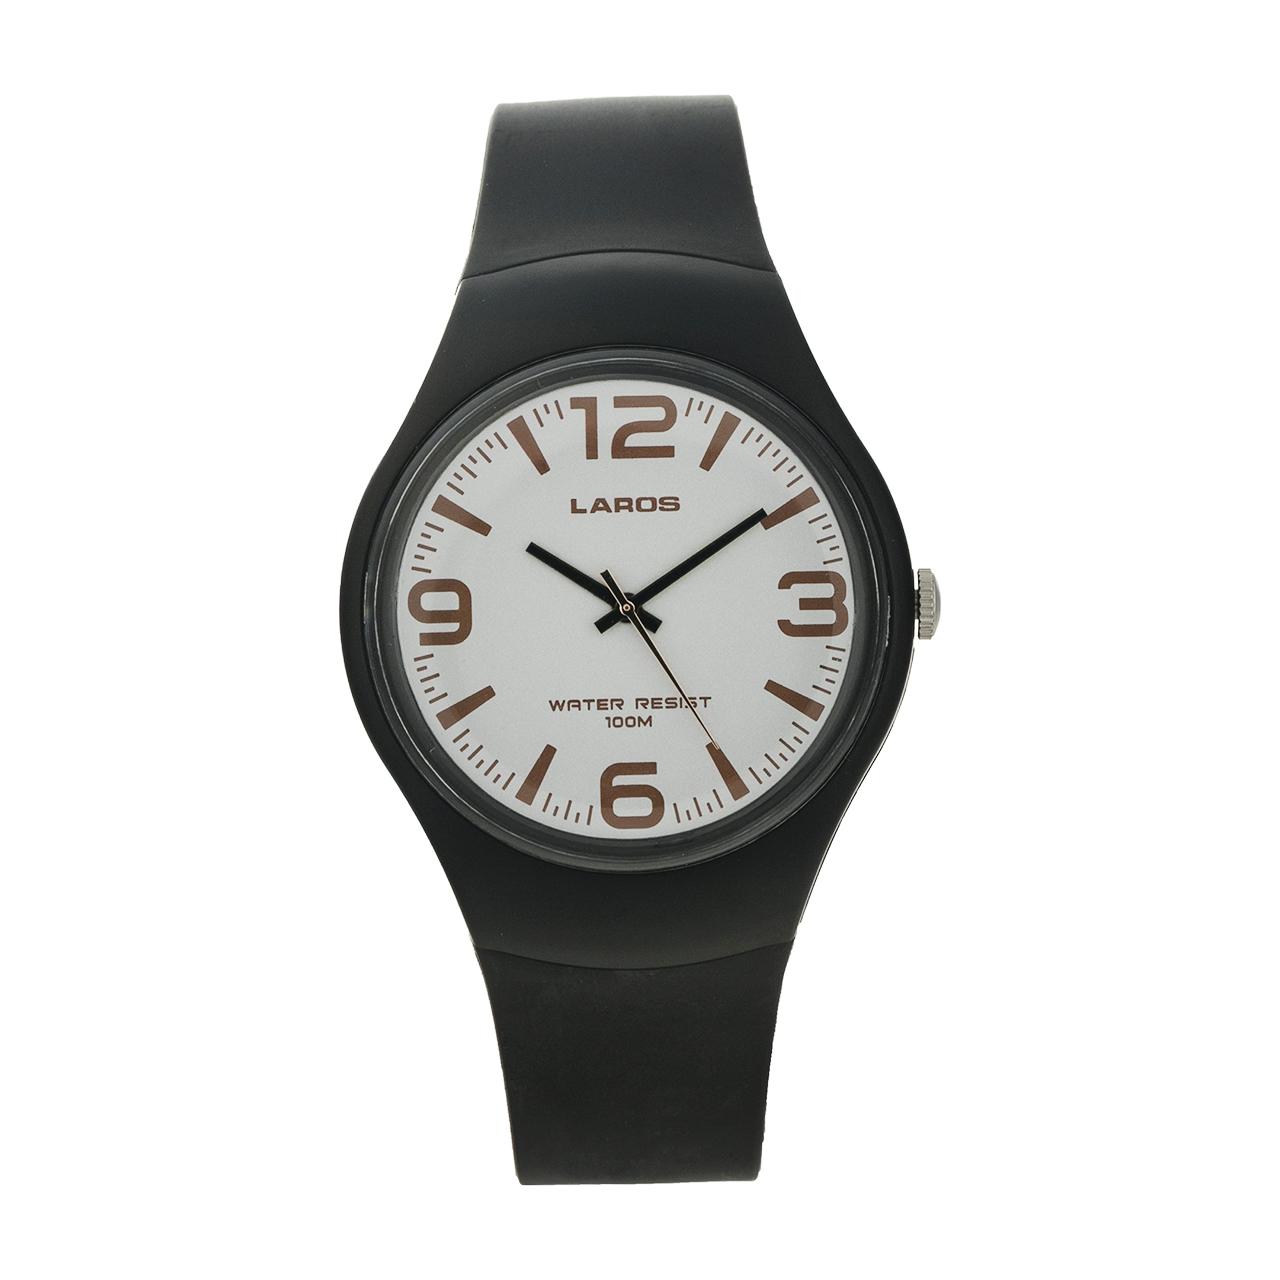 ساعت لاروس عقربه ای مردانه مدل AQ1066A-0AAX-D8